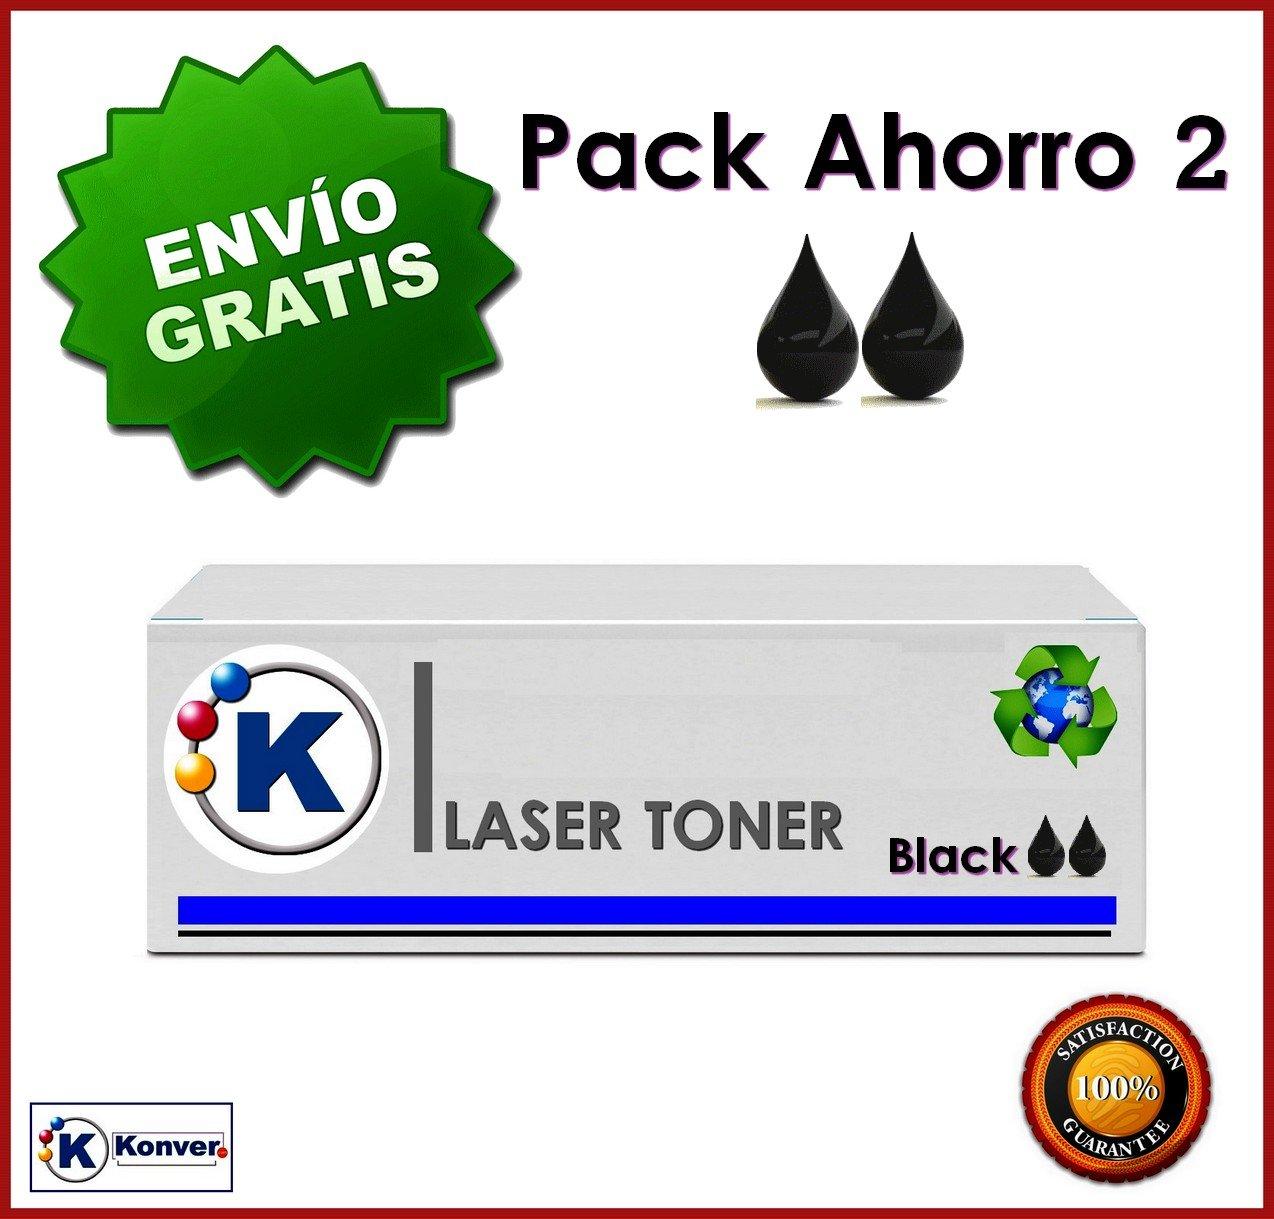 Pack 2 Unidades Toner hewlett packard compatible RENDIMIENTO 2800 pag. COLOR Negro Toner C7115A compatible con las impresoras hp  Electrónica Comentarios de clientes y más información